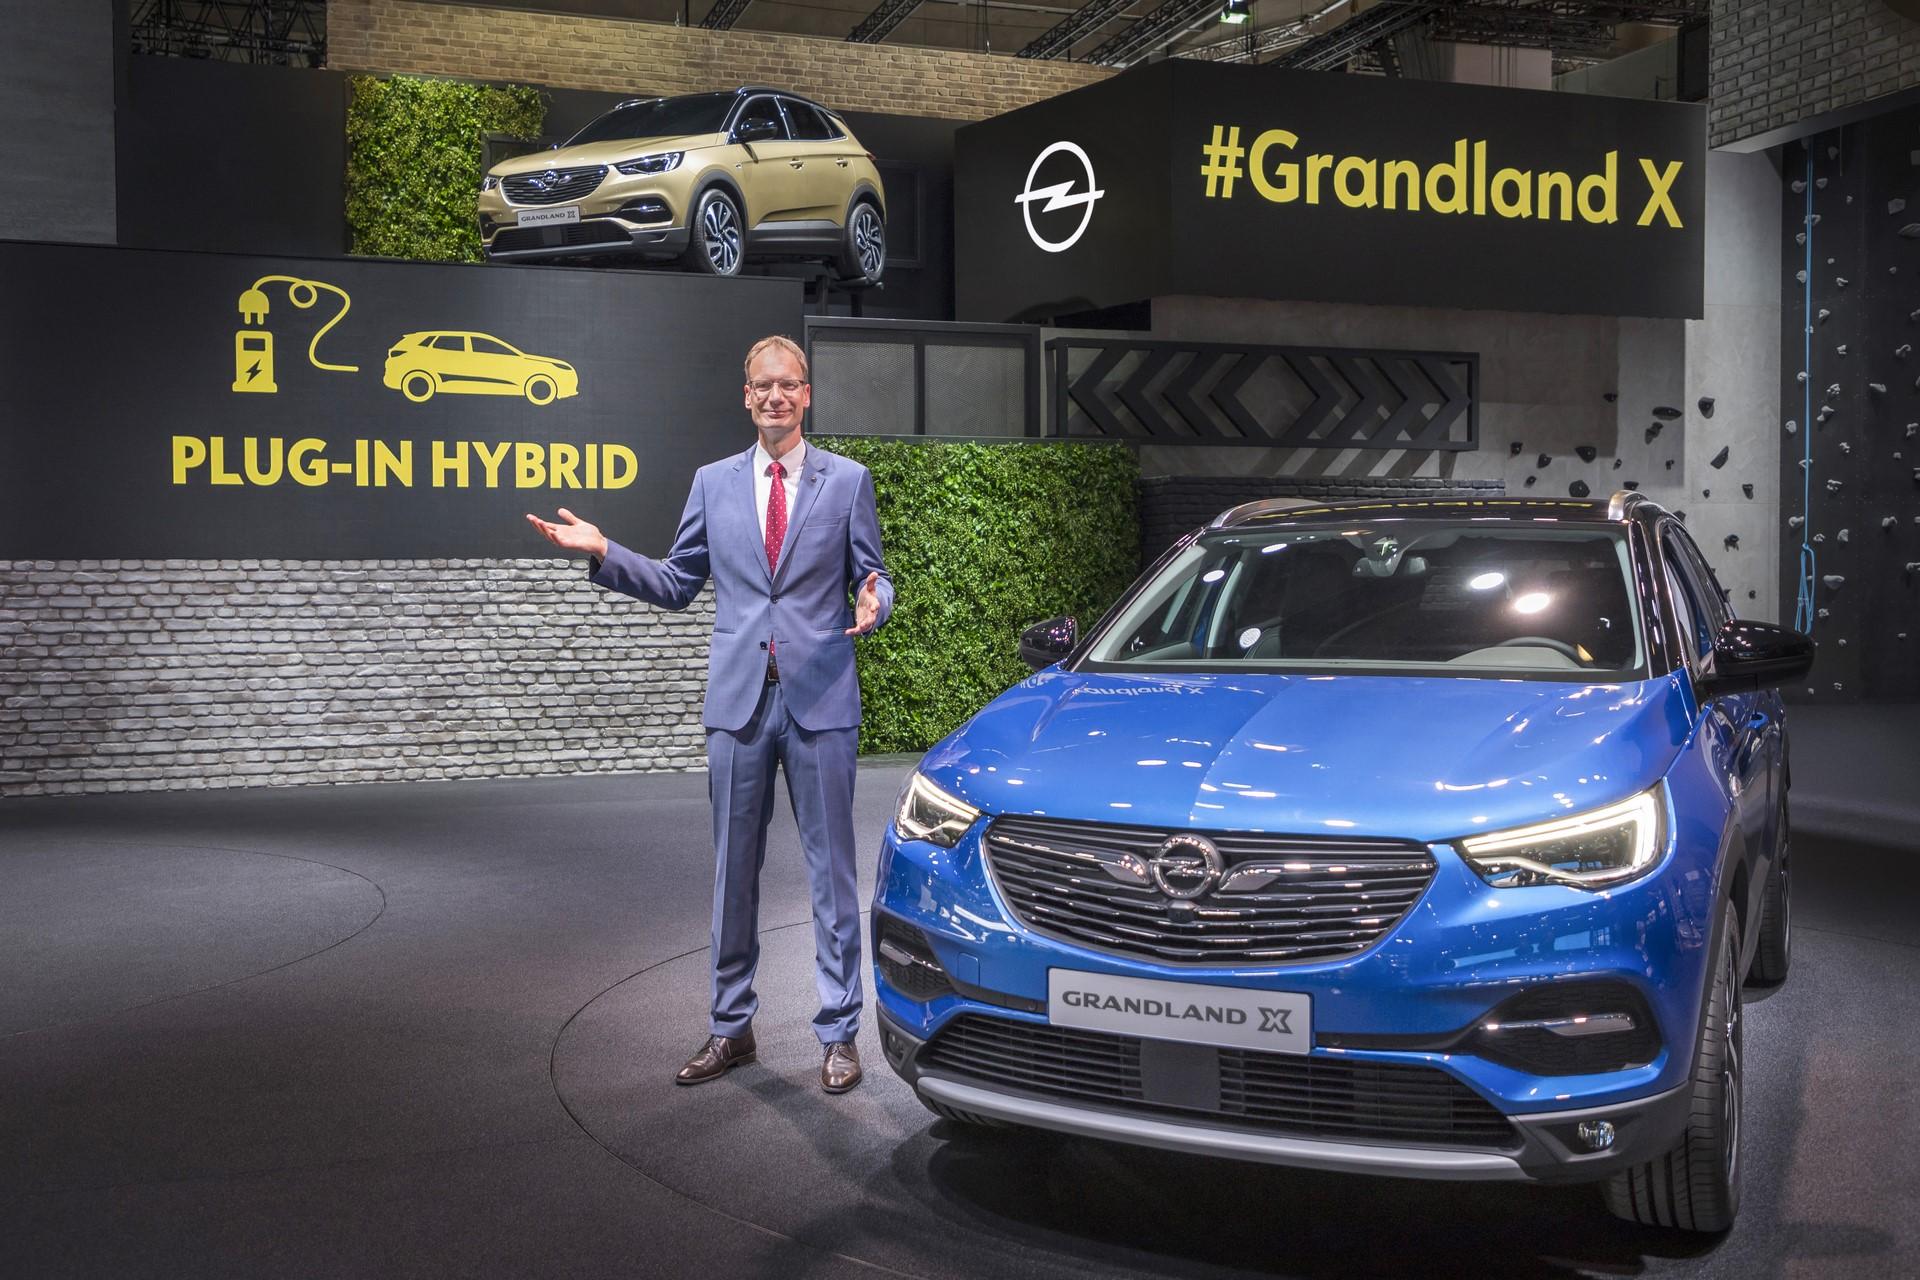 Opel at the 67th IAA